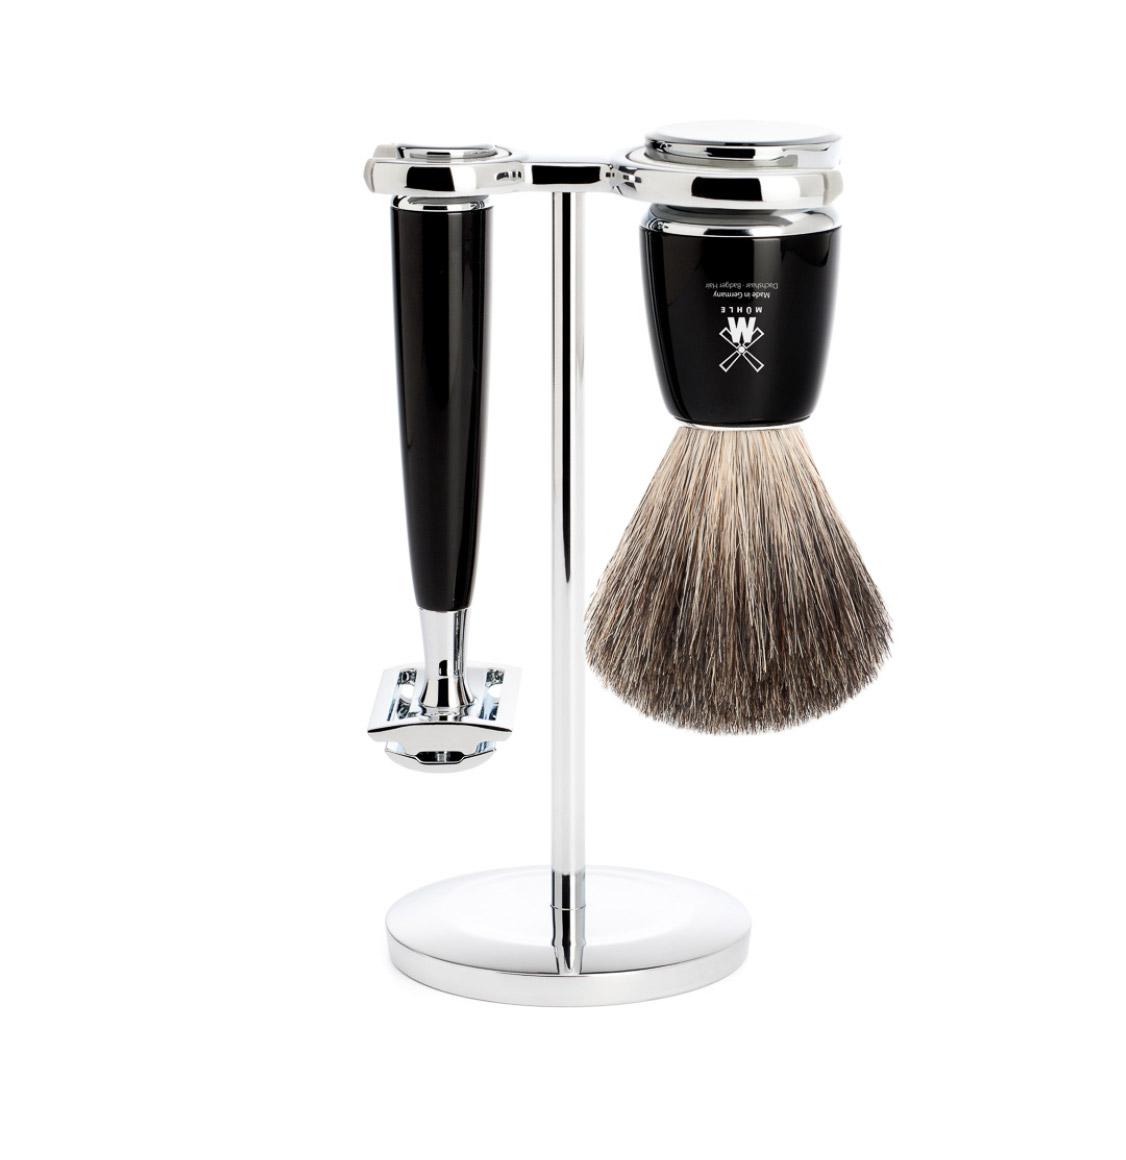 Muhle Rytmo Shaving Set Pure Badger Brush With Safety Razor